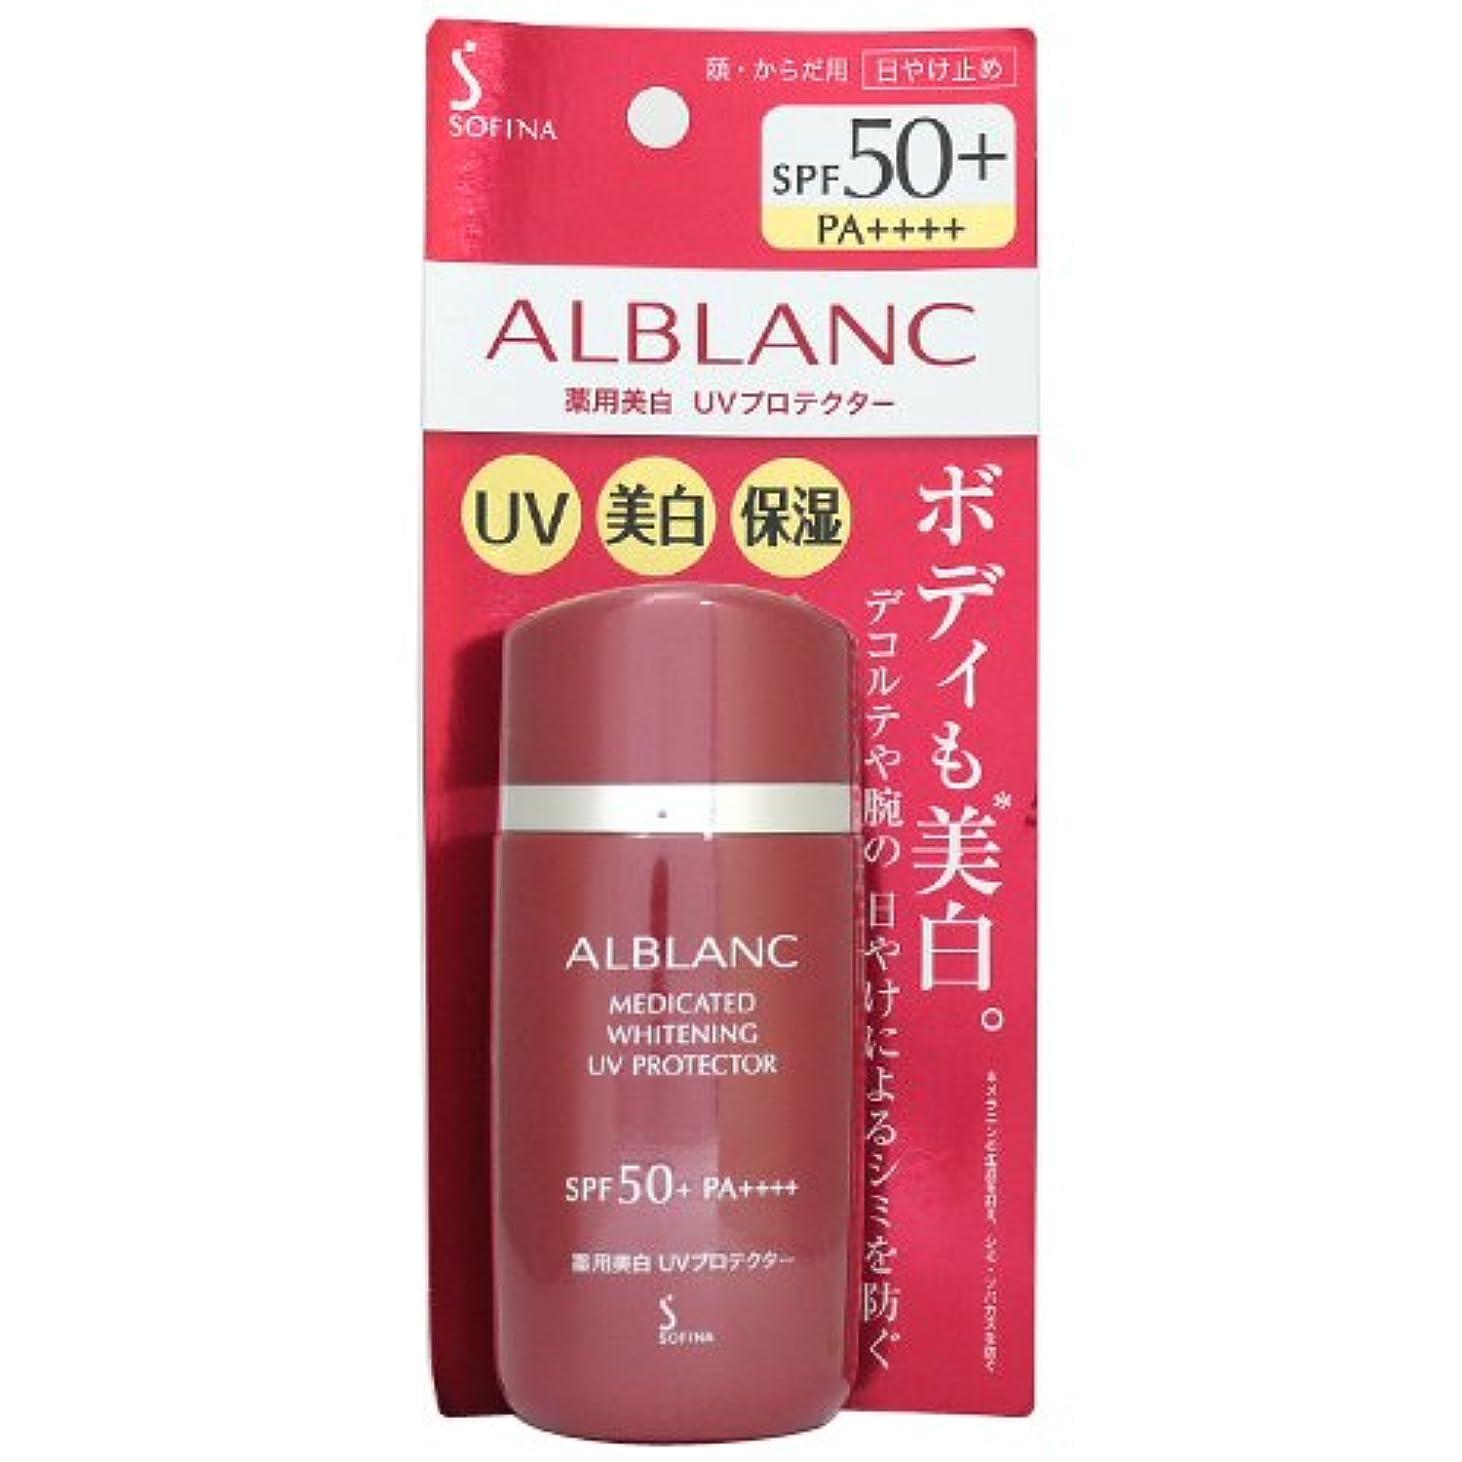 ペニー線形あなたはカオウ 花王アルブラン 薬用美白UVプロテクター SPF50+?PA++++ 60mL